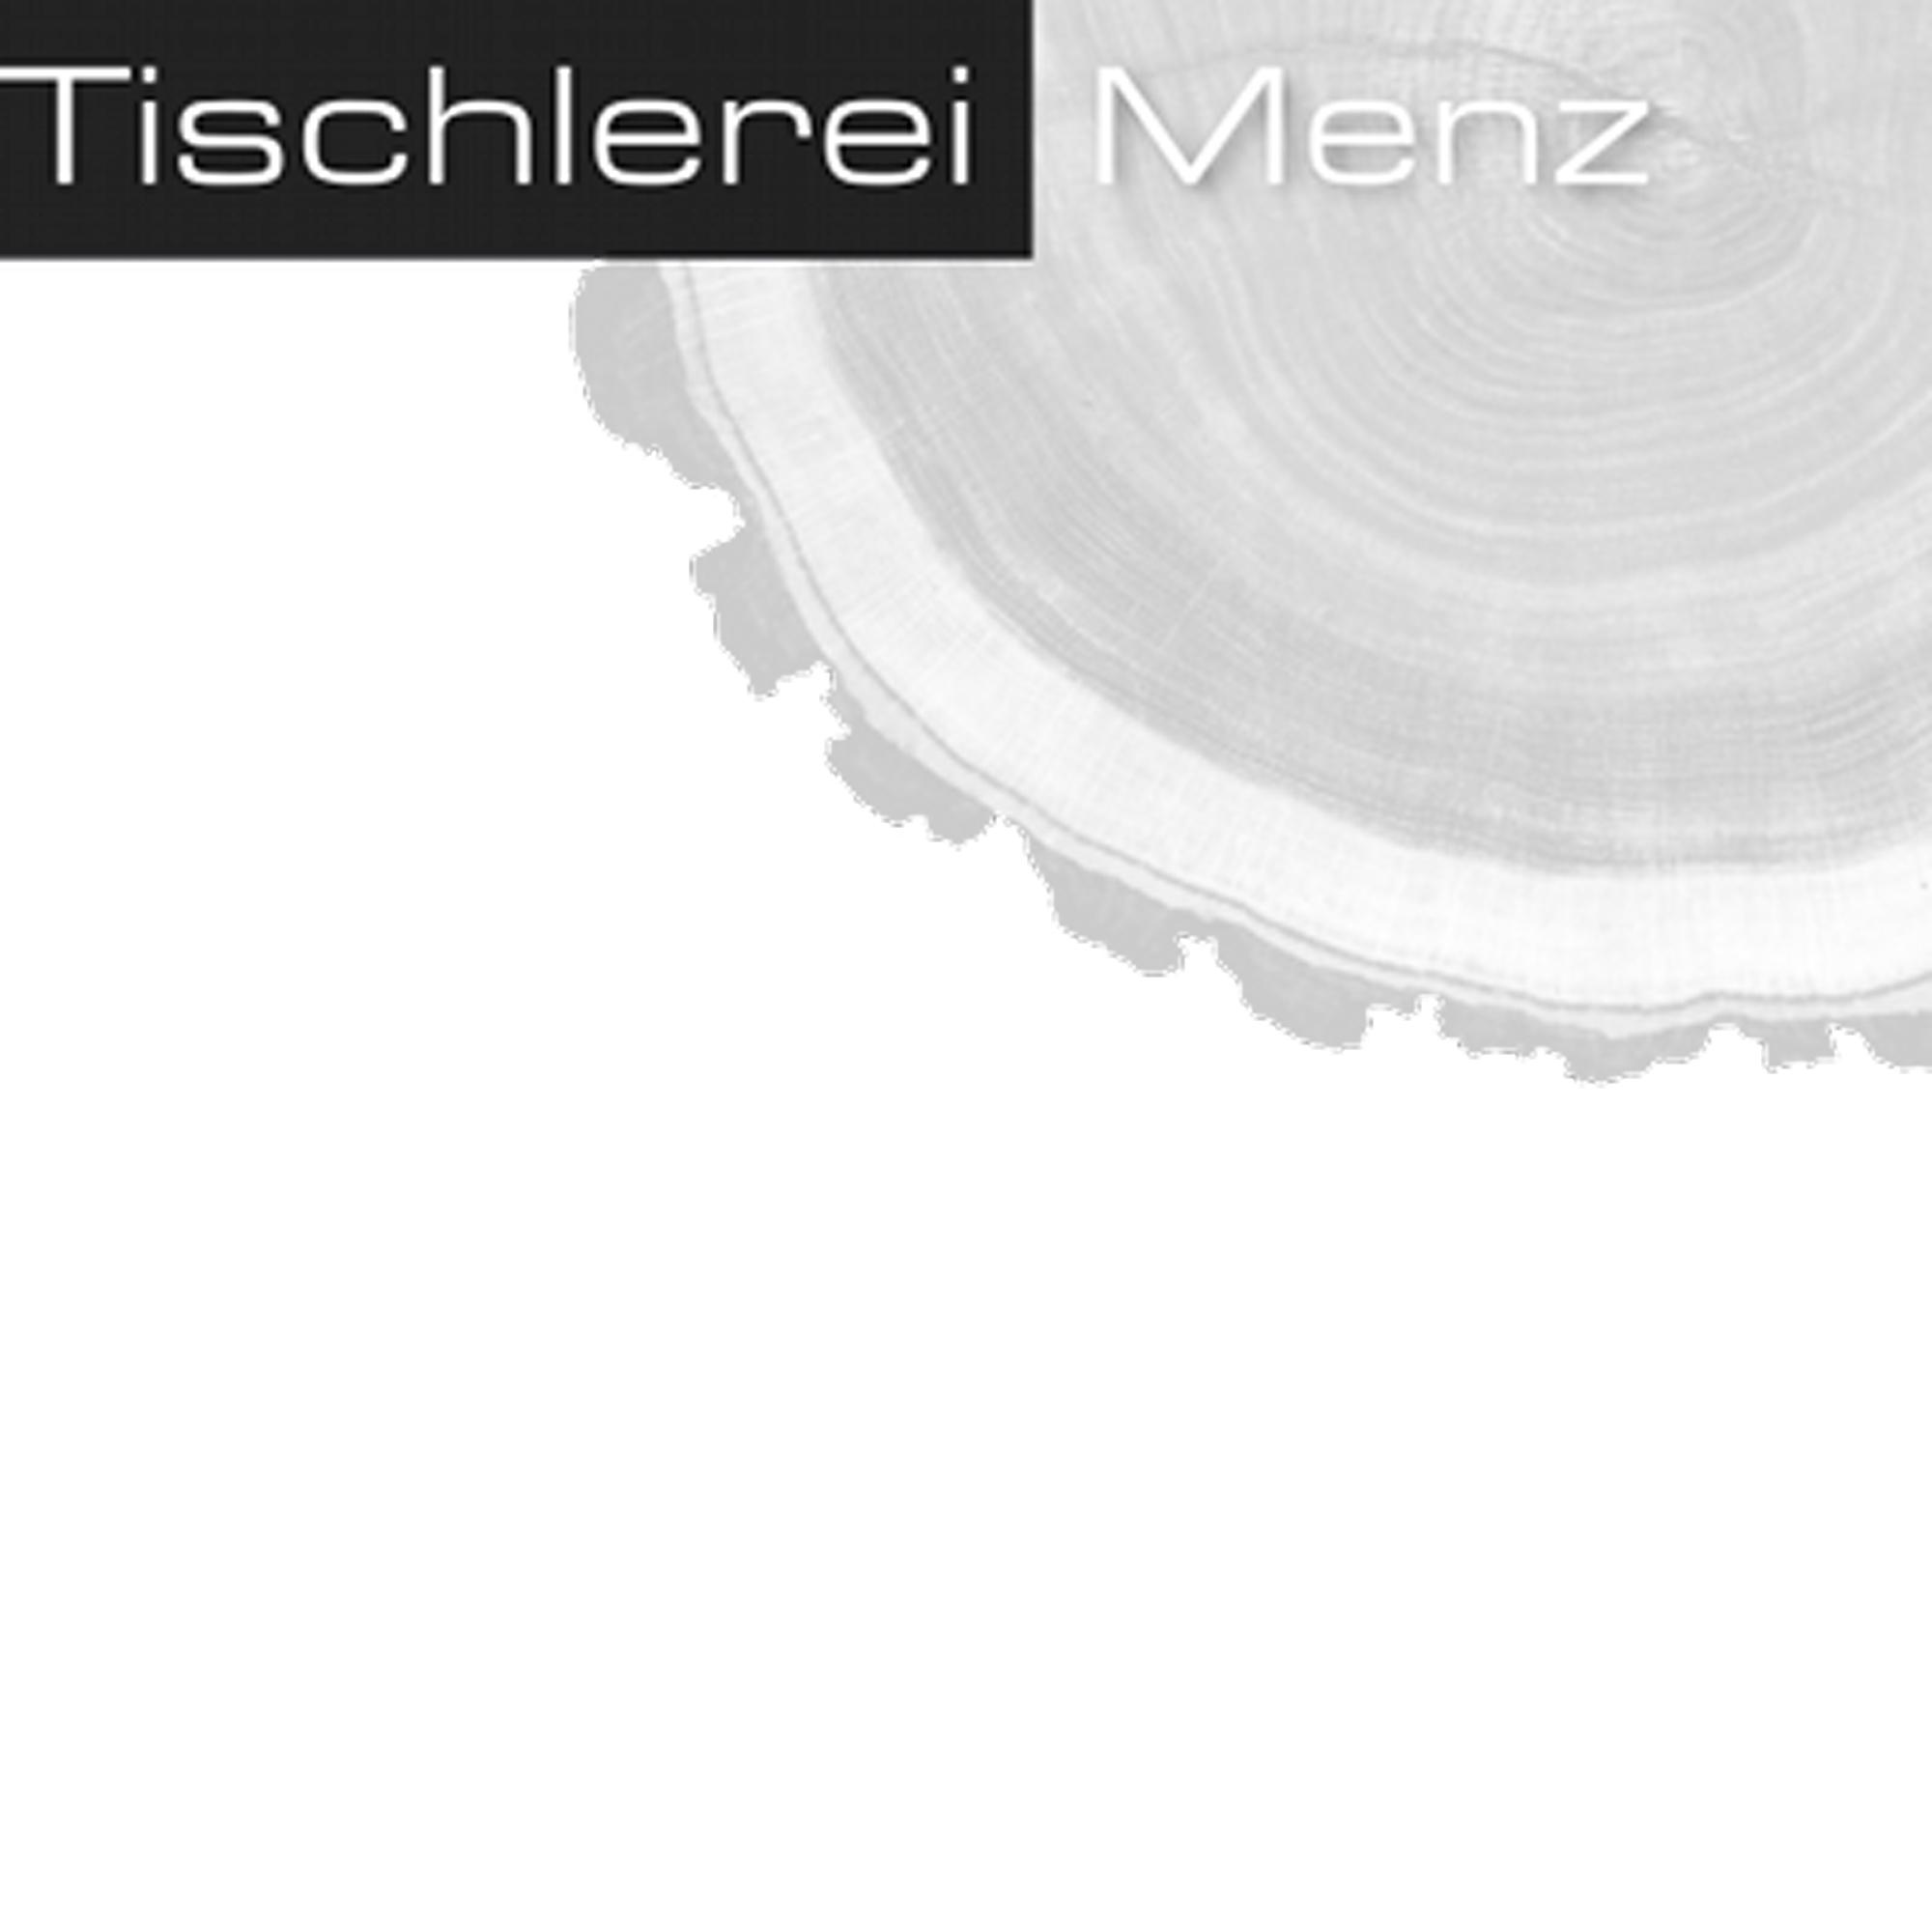 Tischlerei Menz